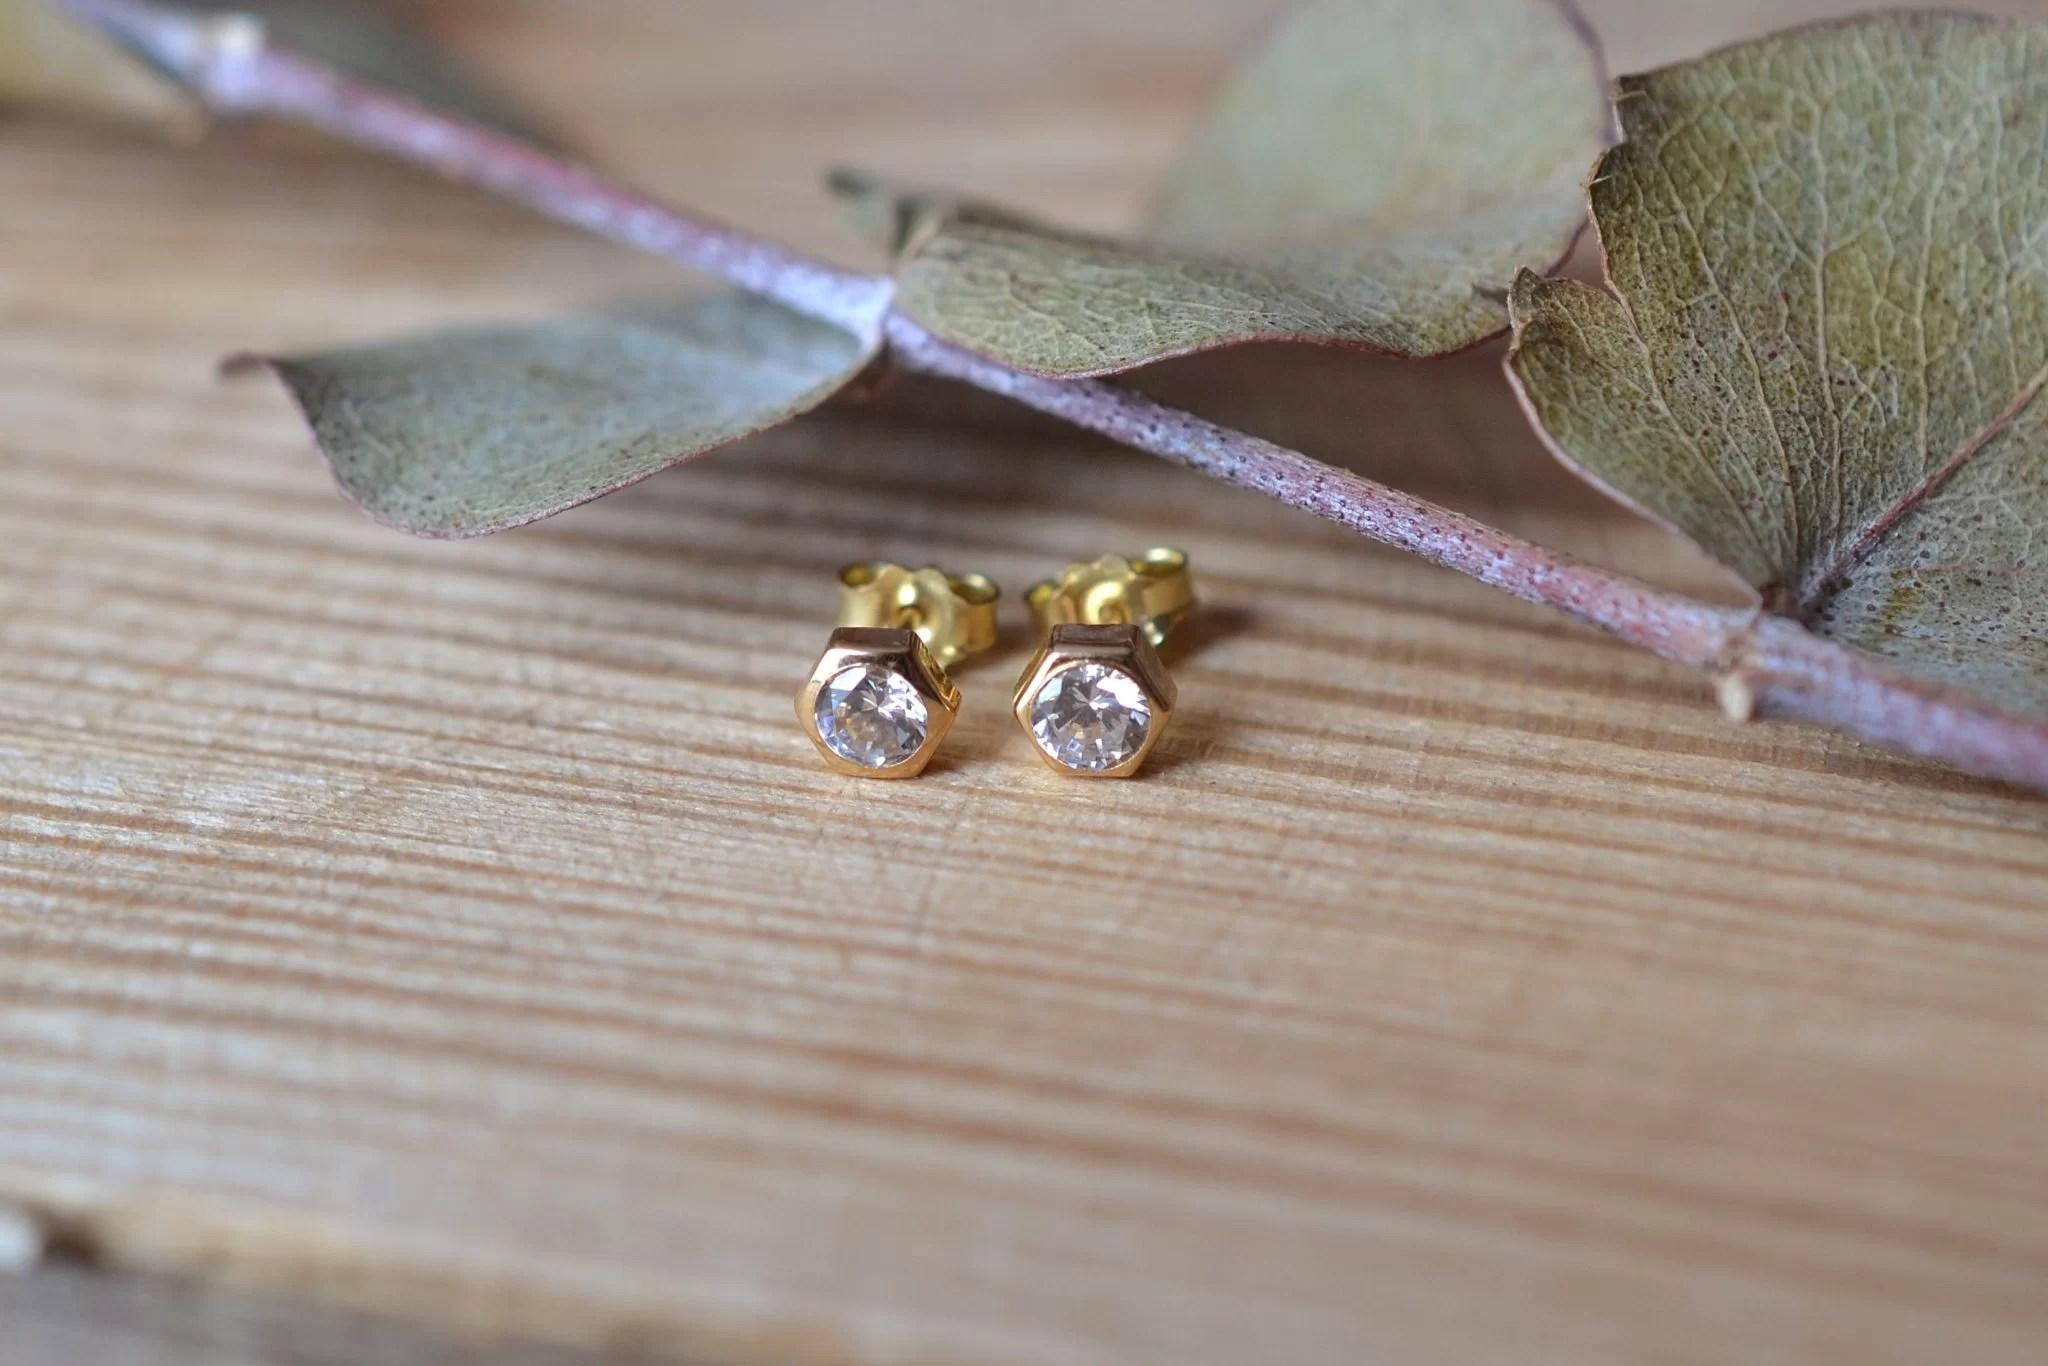 Paire de puces d'Oreilles en Or jaune serties de pierres - boucles d_oreilles de seconde main